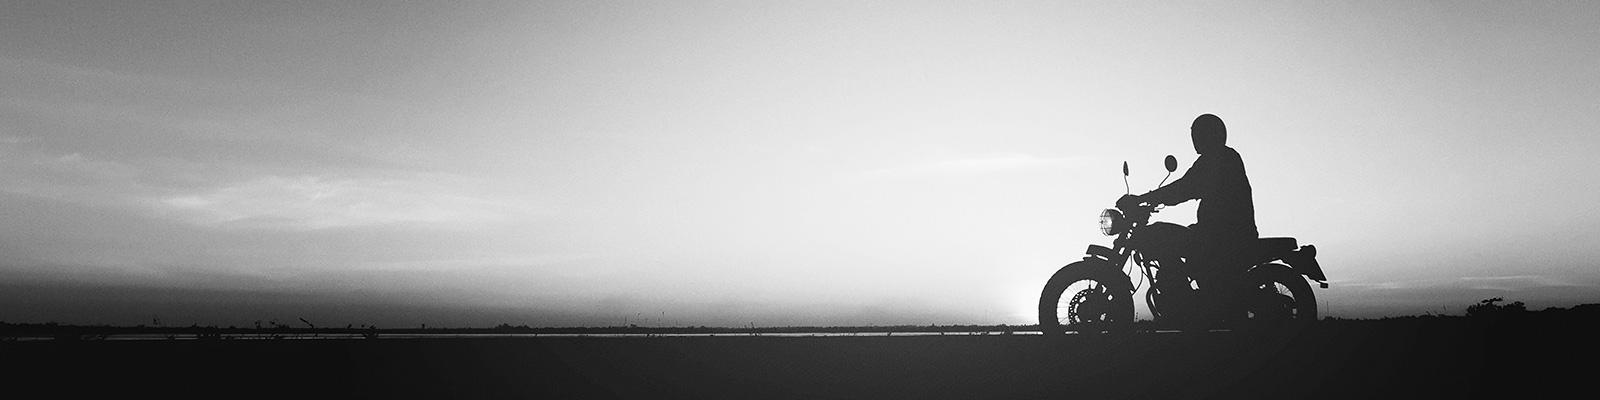 バイク ツーリング 山 夕焼け イメージ